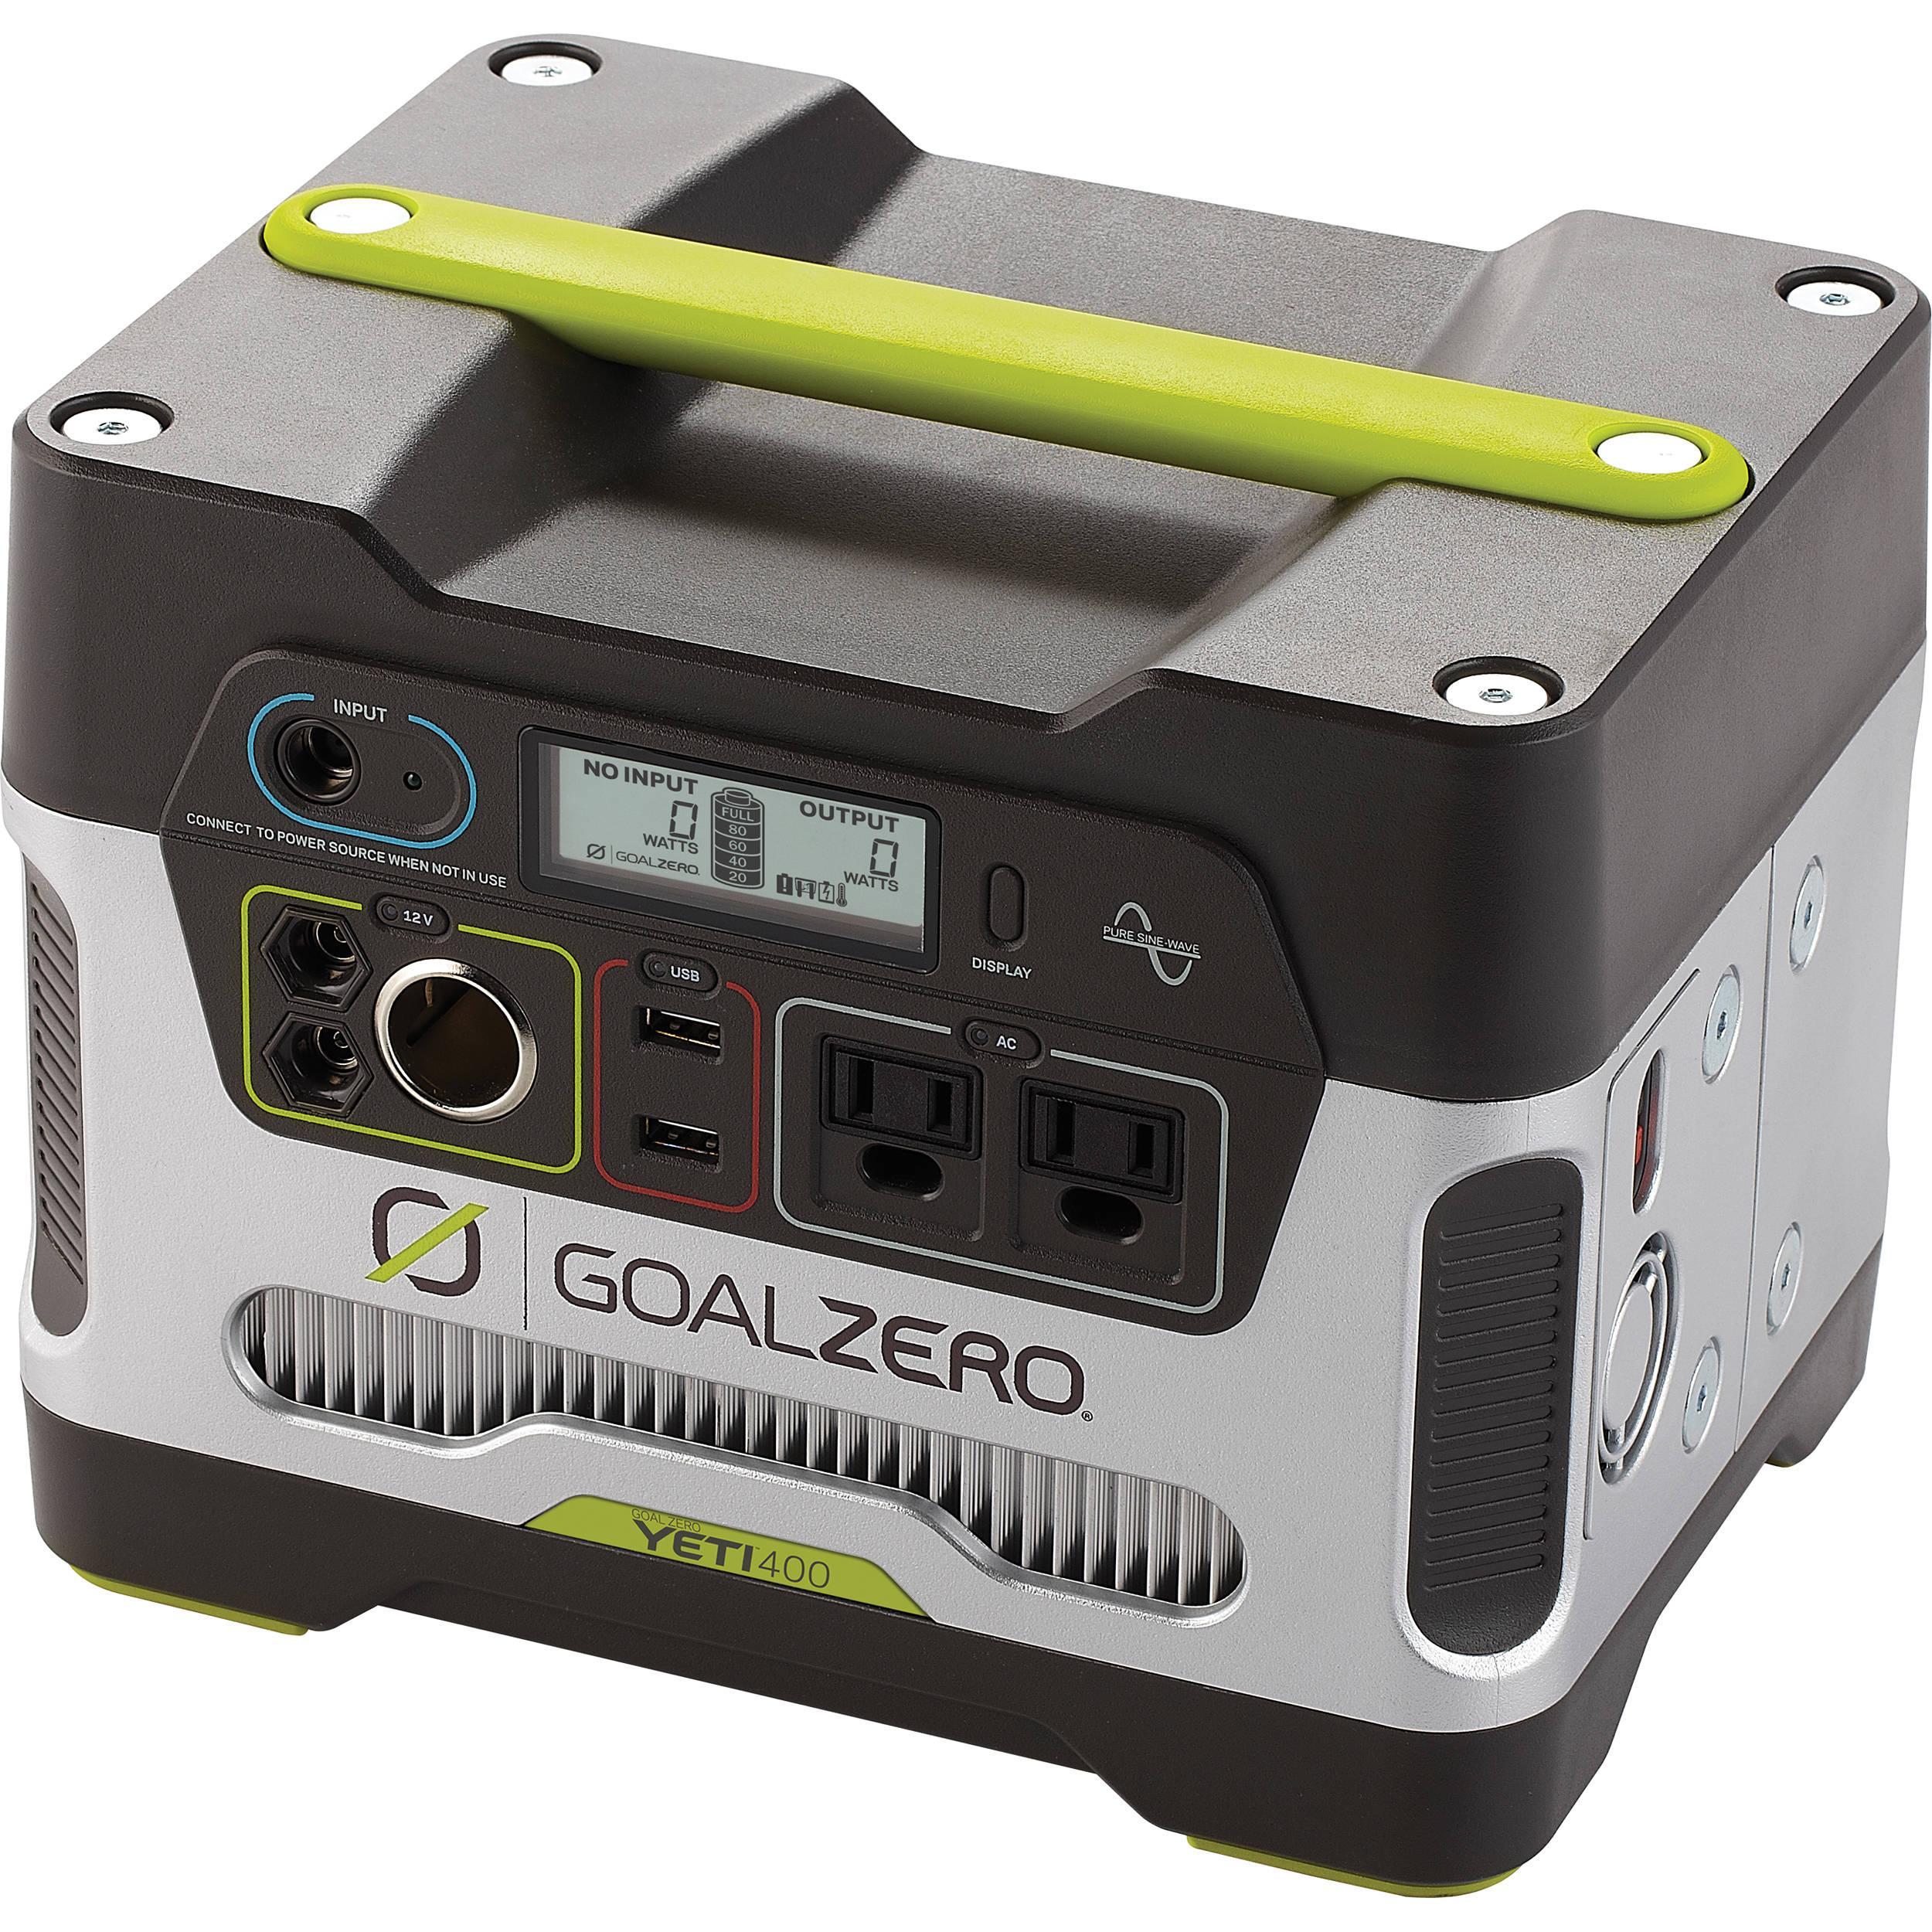 GOAL ZERO Yeti 400 Solar Generator Power Pack B&H